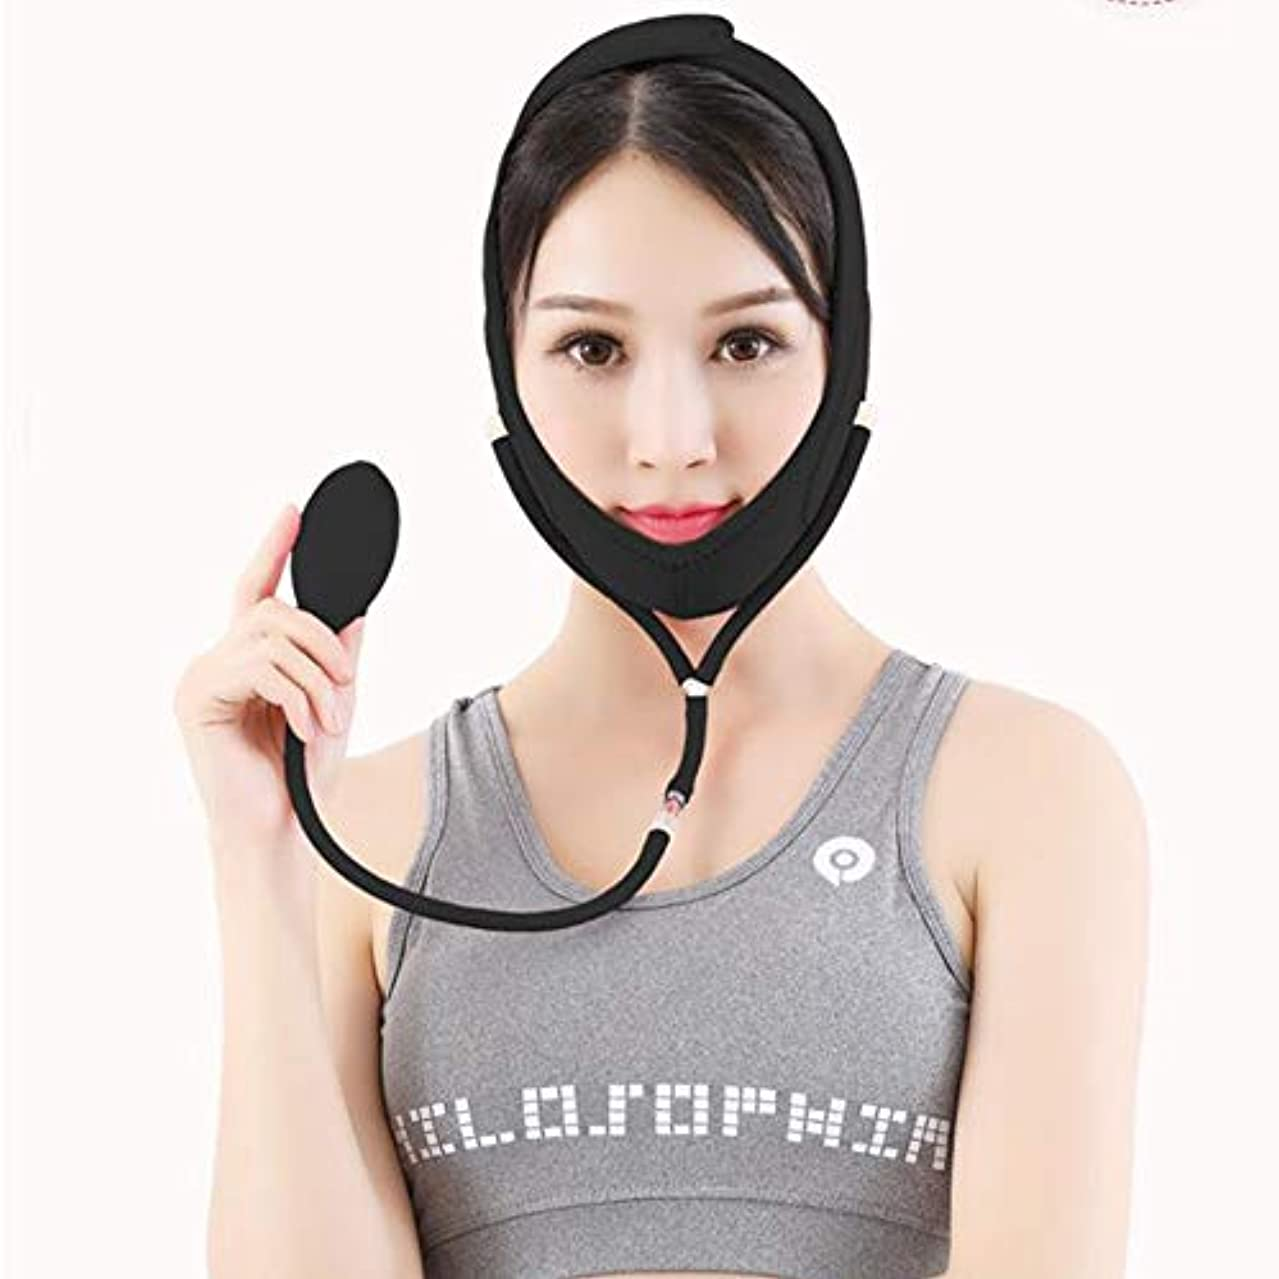 学者酸ギャラリーBS フェイシャルリフティング痩身ベルトダブルエアバッグ圧力調整フェイス包帯マスク整形マスクが顔を引き締める フェイスリフティングアーティファクト (Color : Black, Size : M)